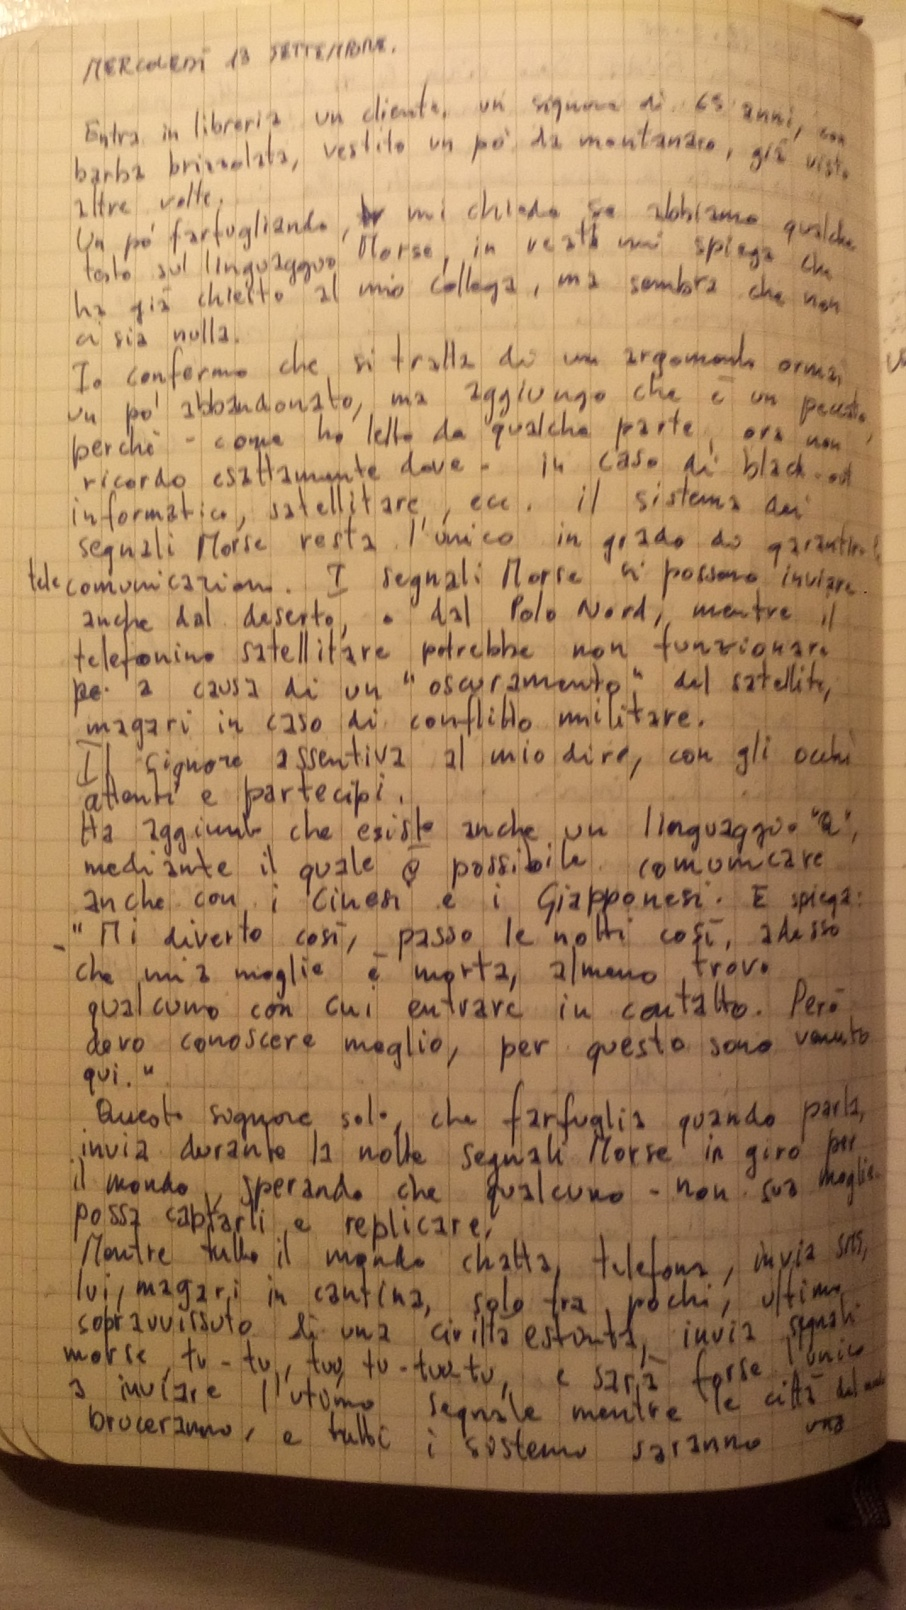 Segnali Morse